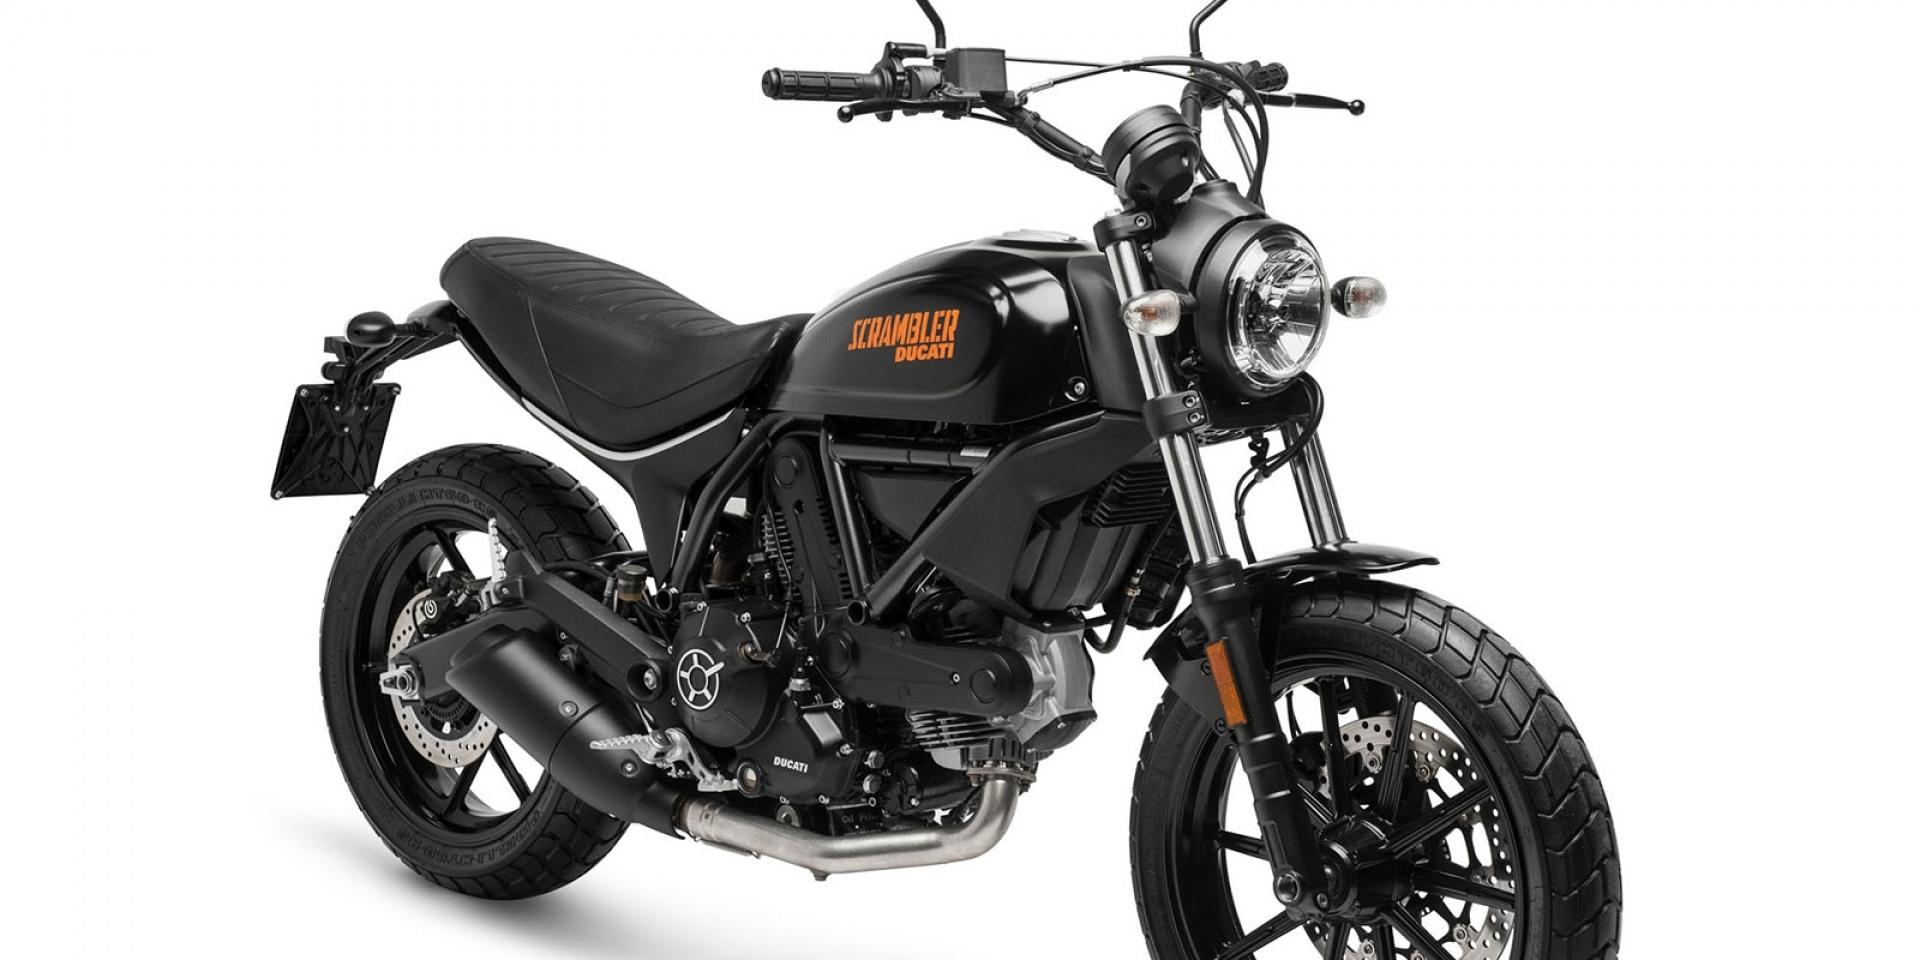 新型態消費模式,Ducati SCRAMBLER將推出網路限定版本。